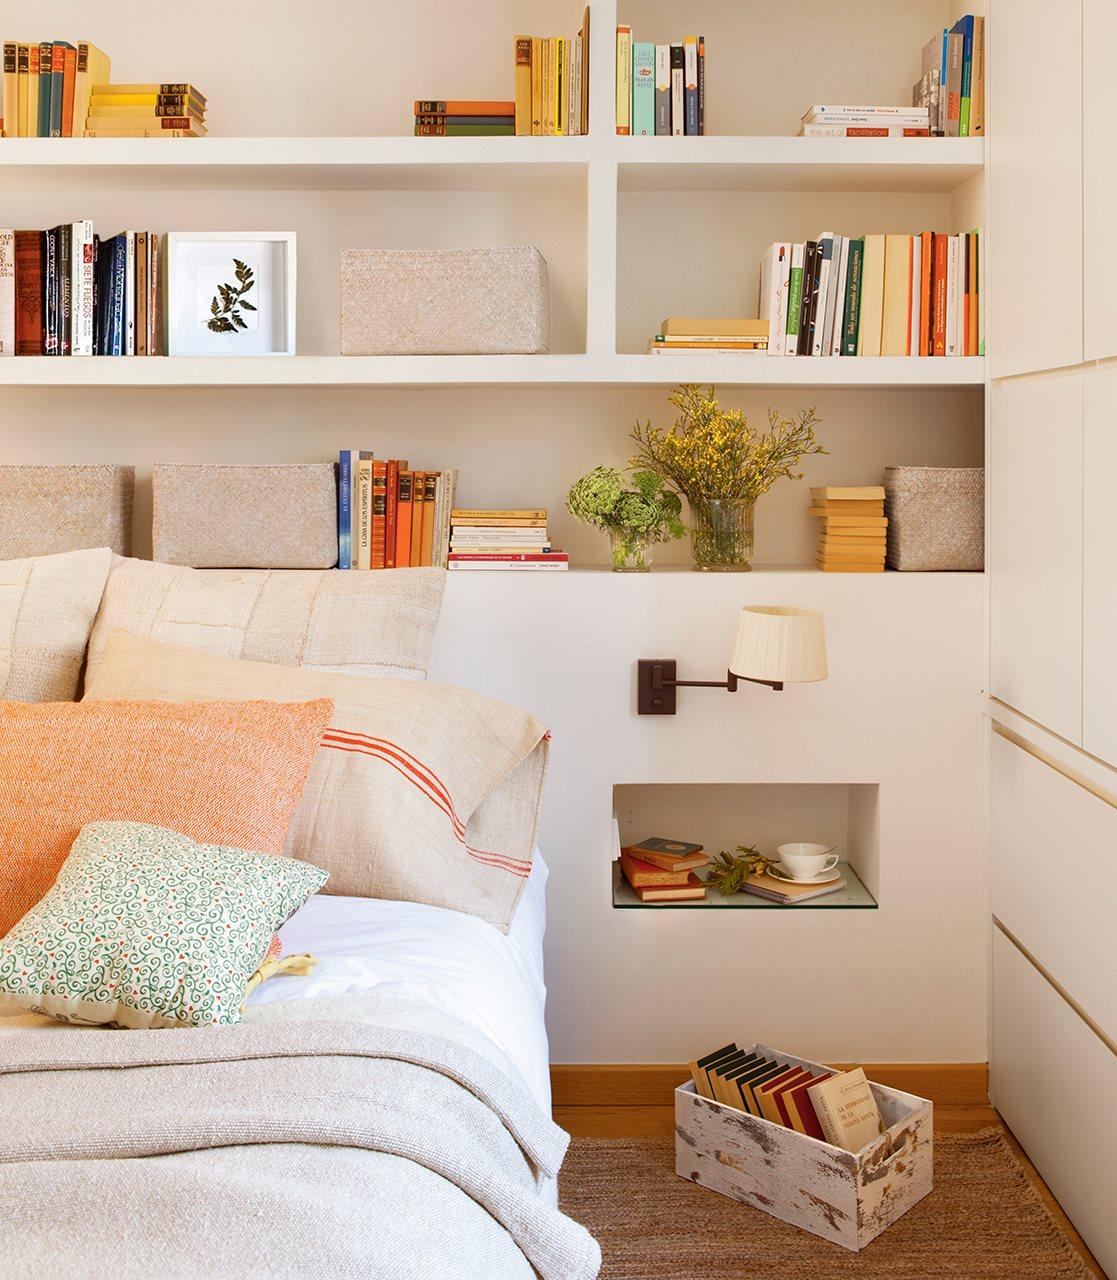 Un piso familiar reformado para ganar luz y comodidad - Camas de obra ...